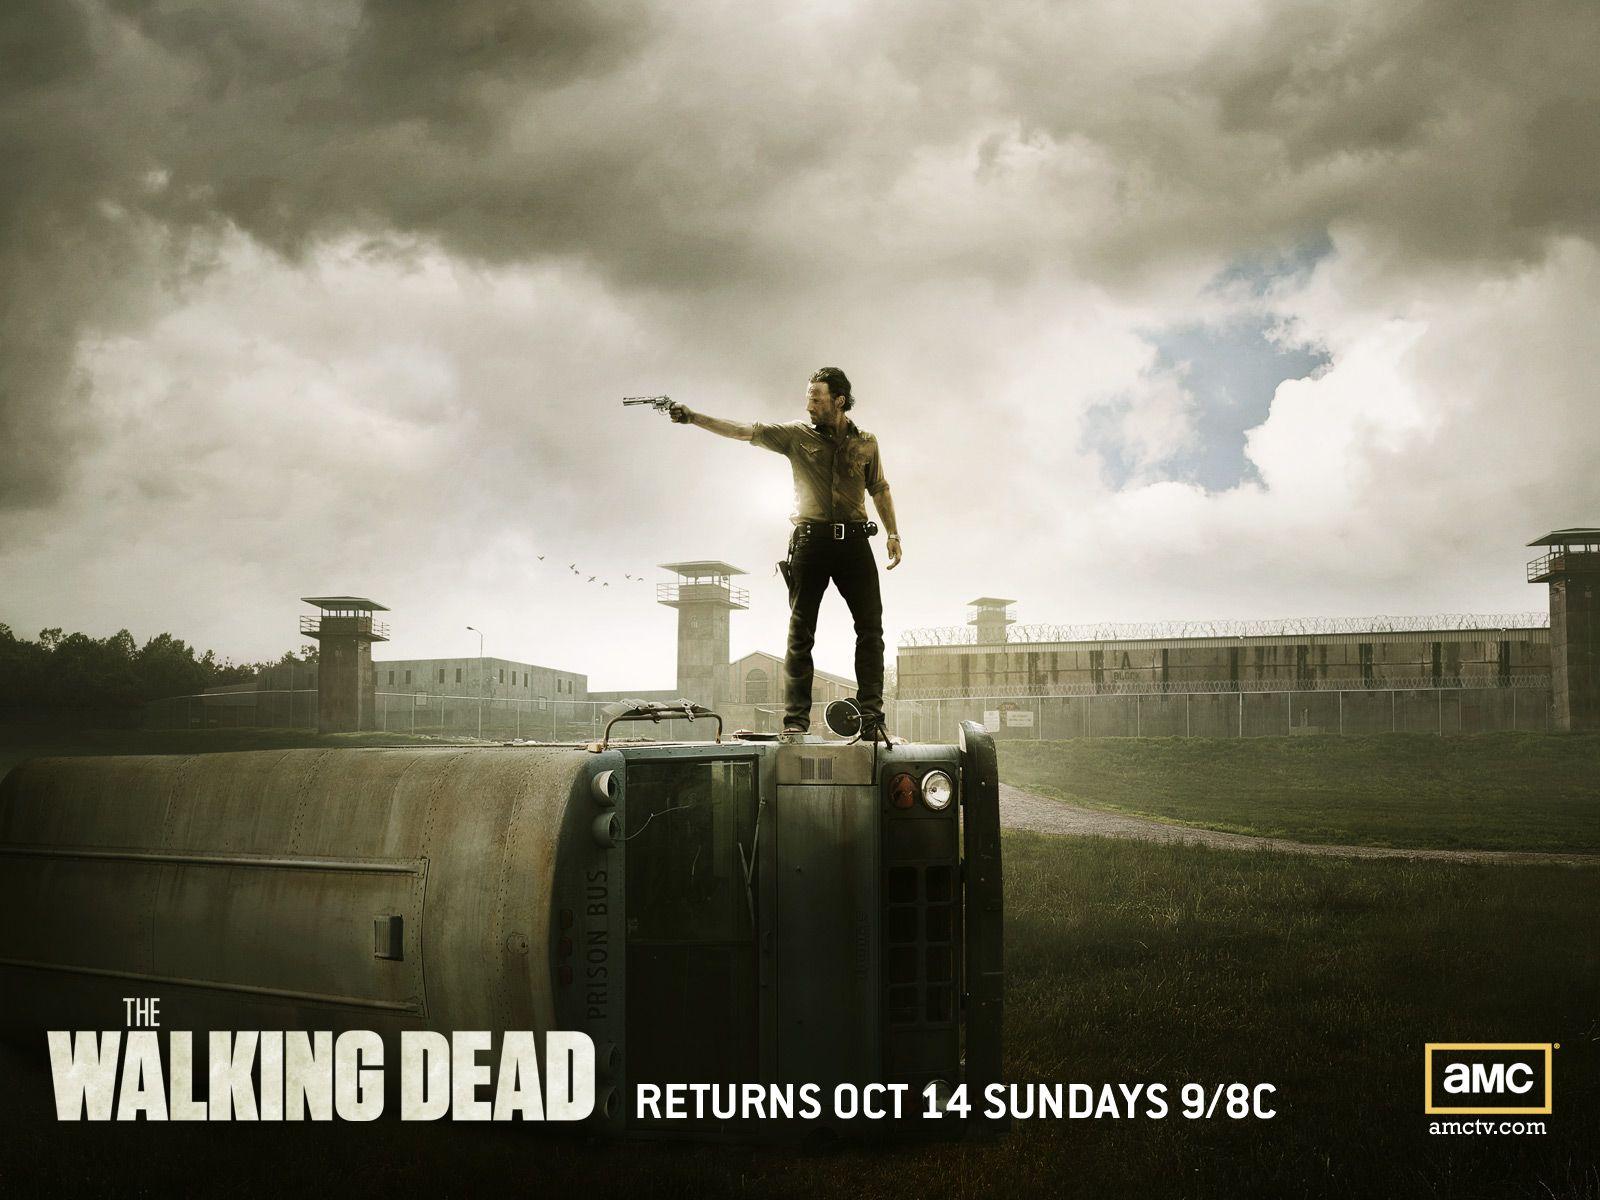 The Walking Dead Wallpaper Rick Grimes Walking Dead Prison Walking Dead Season Walking Dead Wallpaper